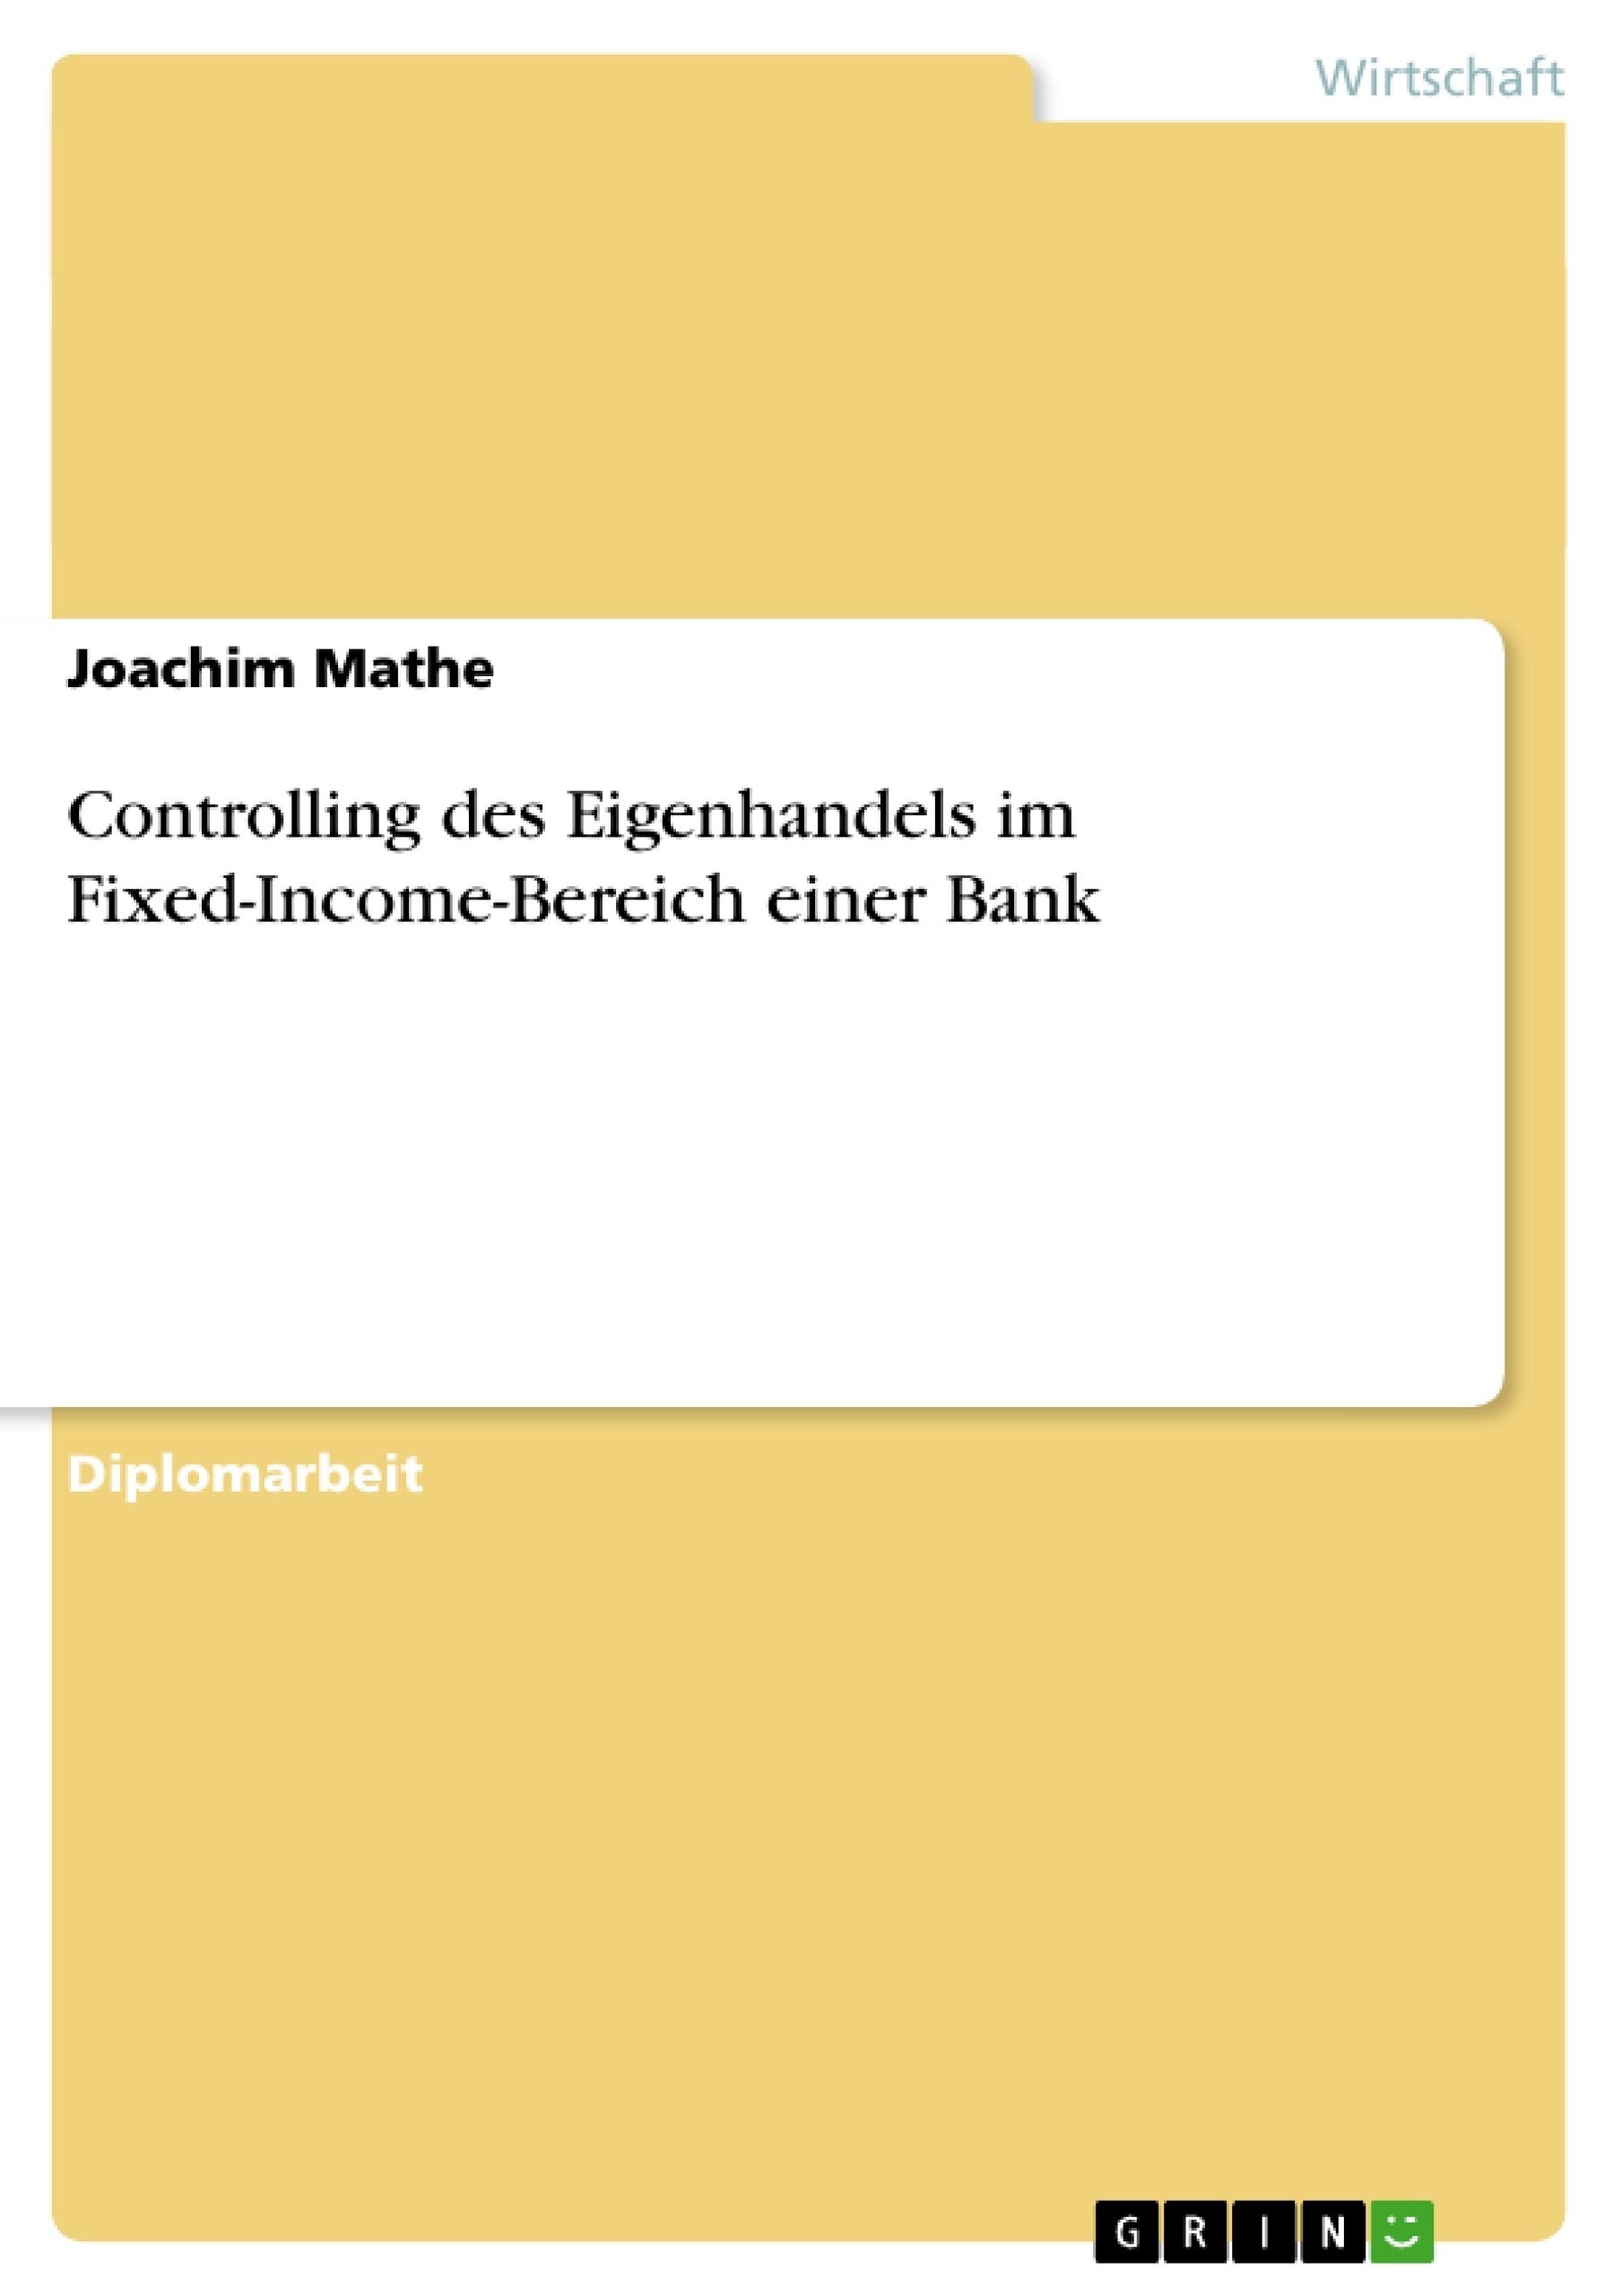 Titel: Controlling des Eigenhandels im Fixed-Income-Bereich einer Bank